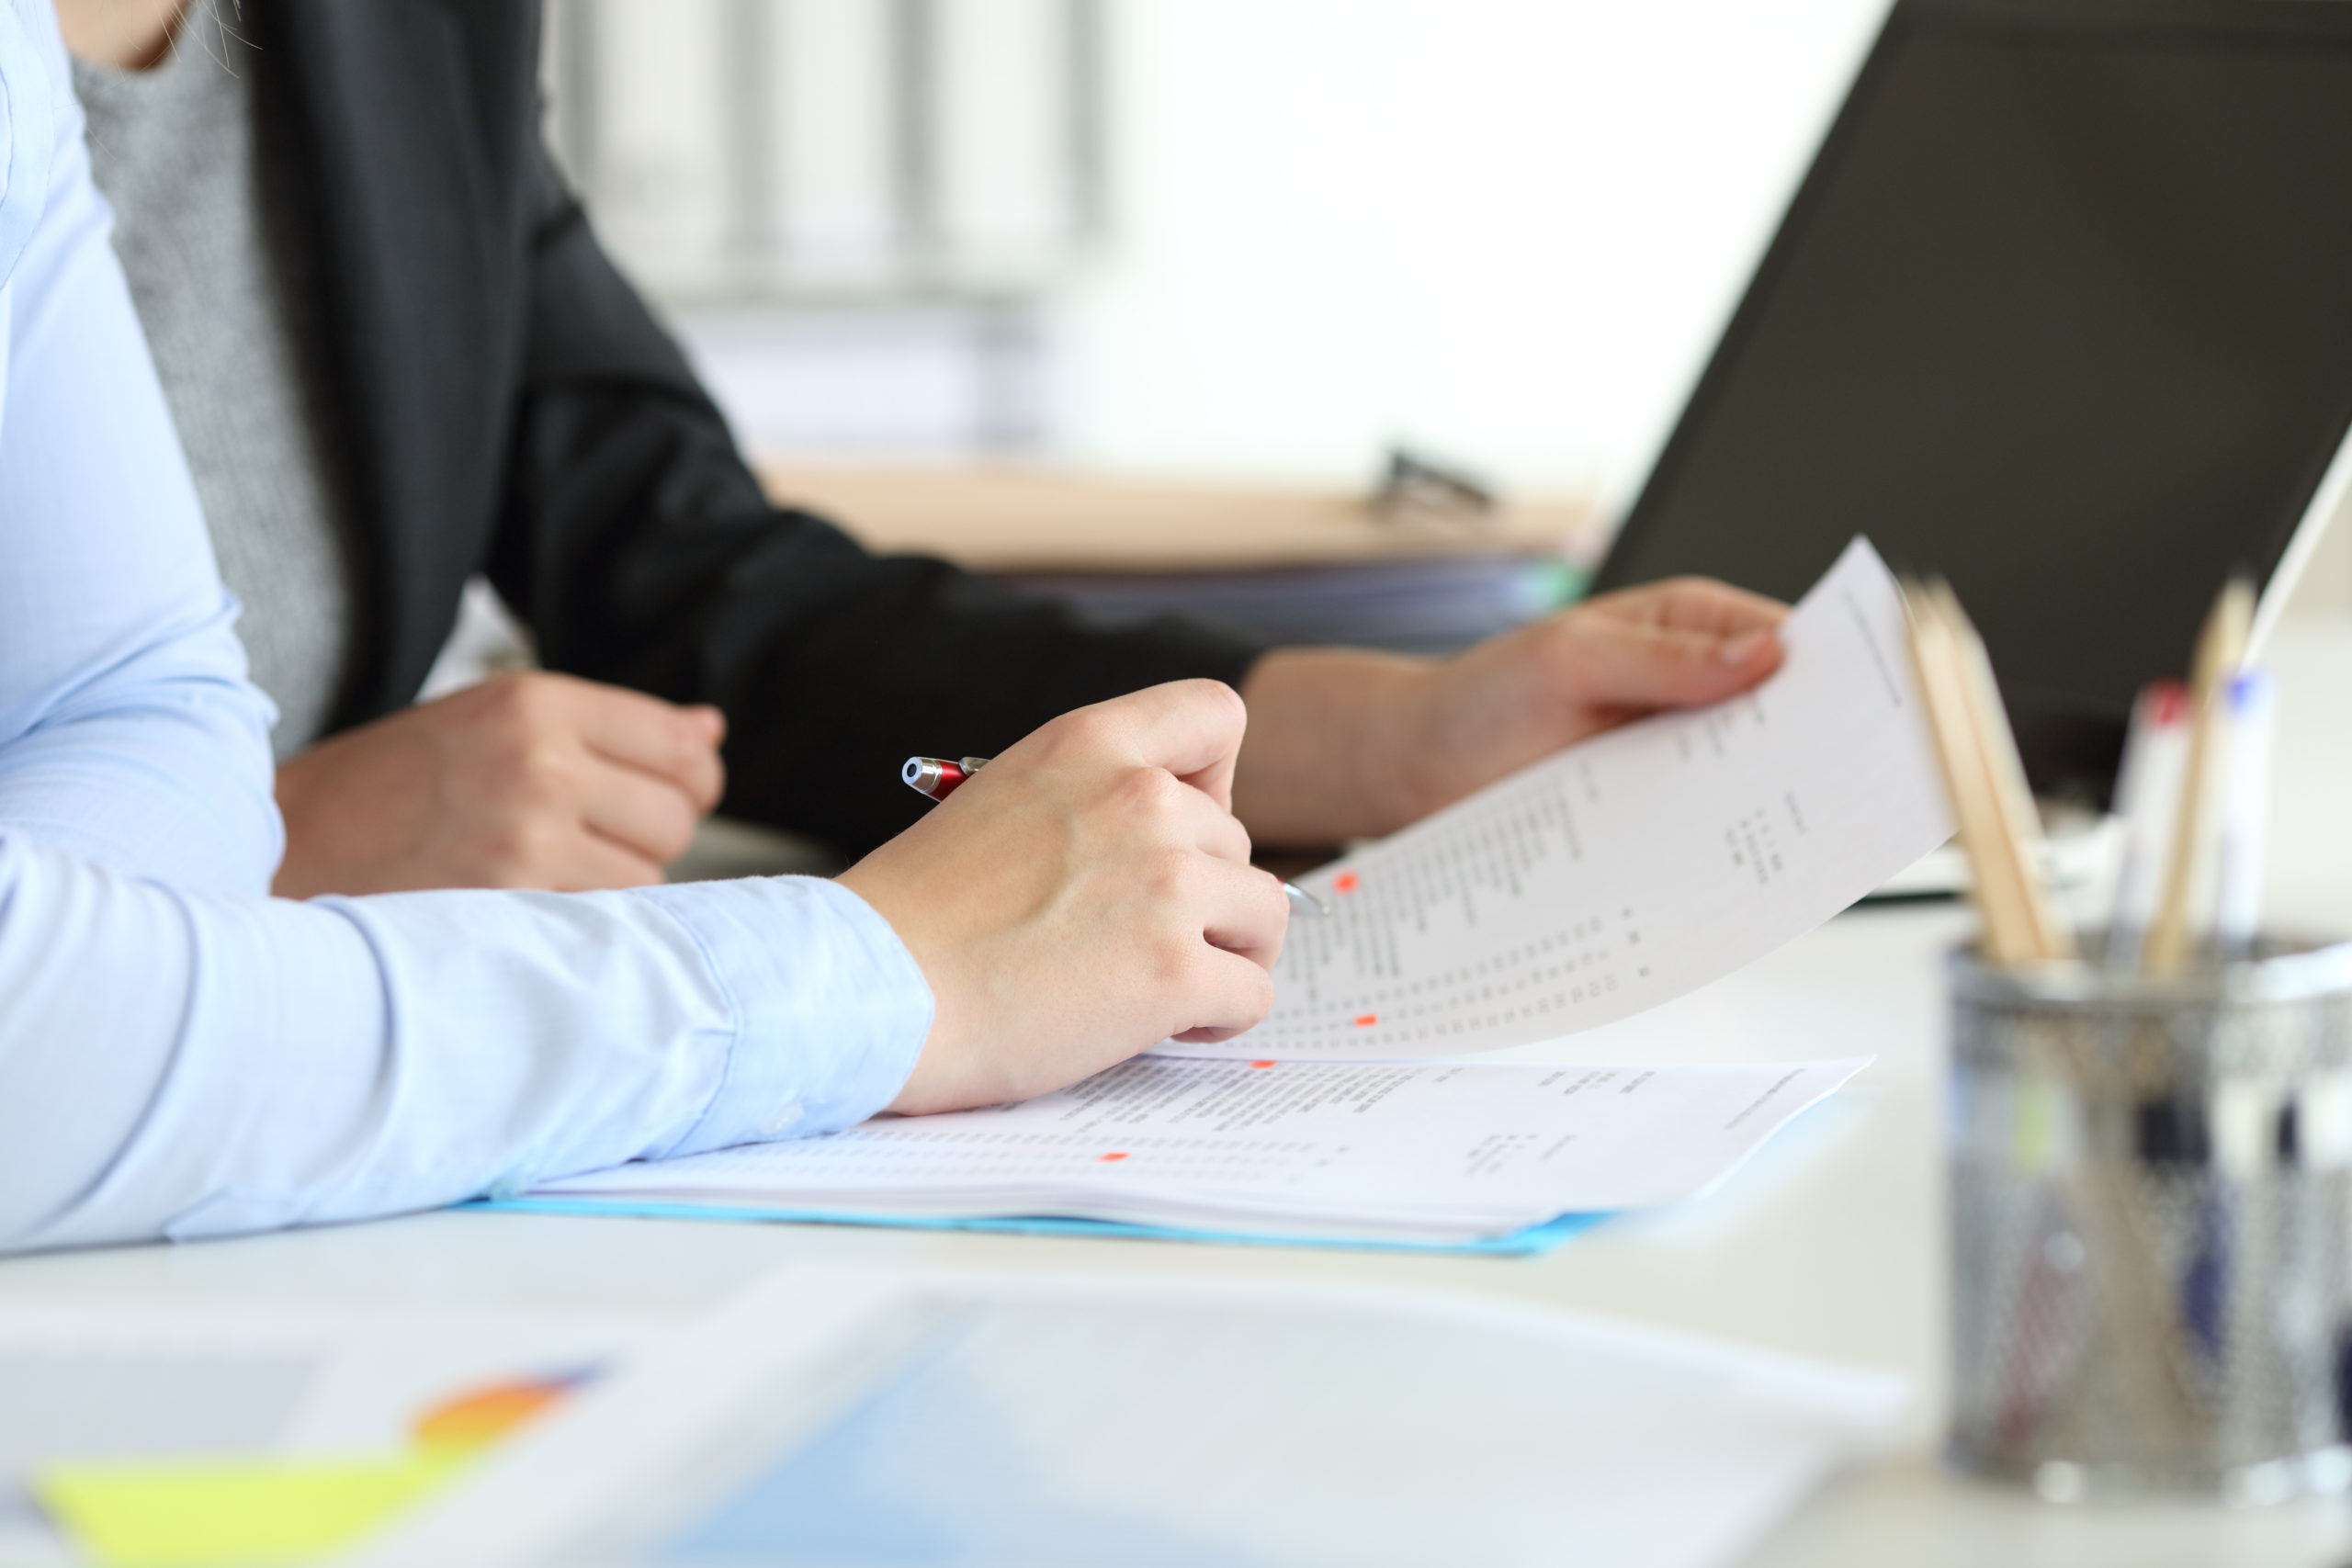 担当コーディネーター 企業担当者さまとレベルチェックやレッスンプラン作成、進捗レポート、契約についてサポートをさせていただきます。